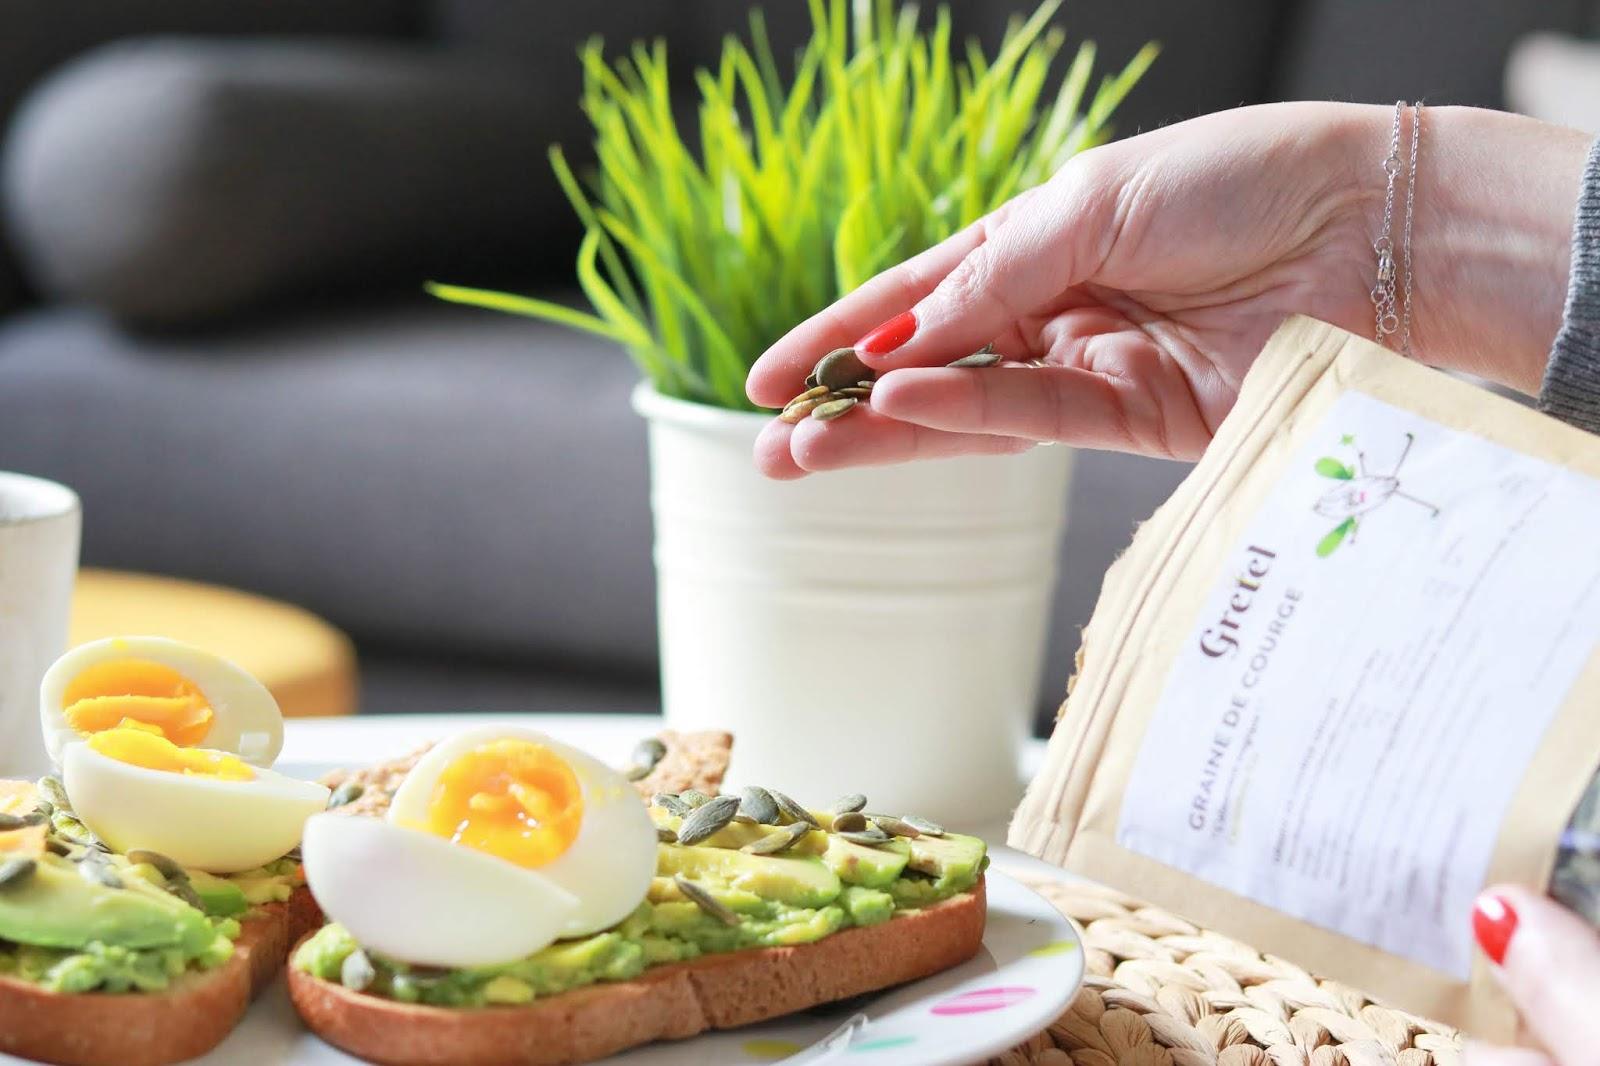 avocado toast avocat recette facile simple rapide brunch oeuf gretel box abonnement avis arcos les gommettes de melo ingrédients